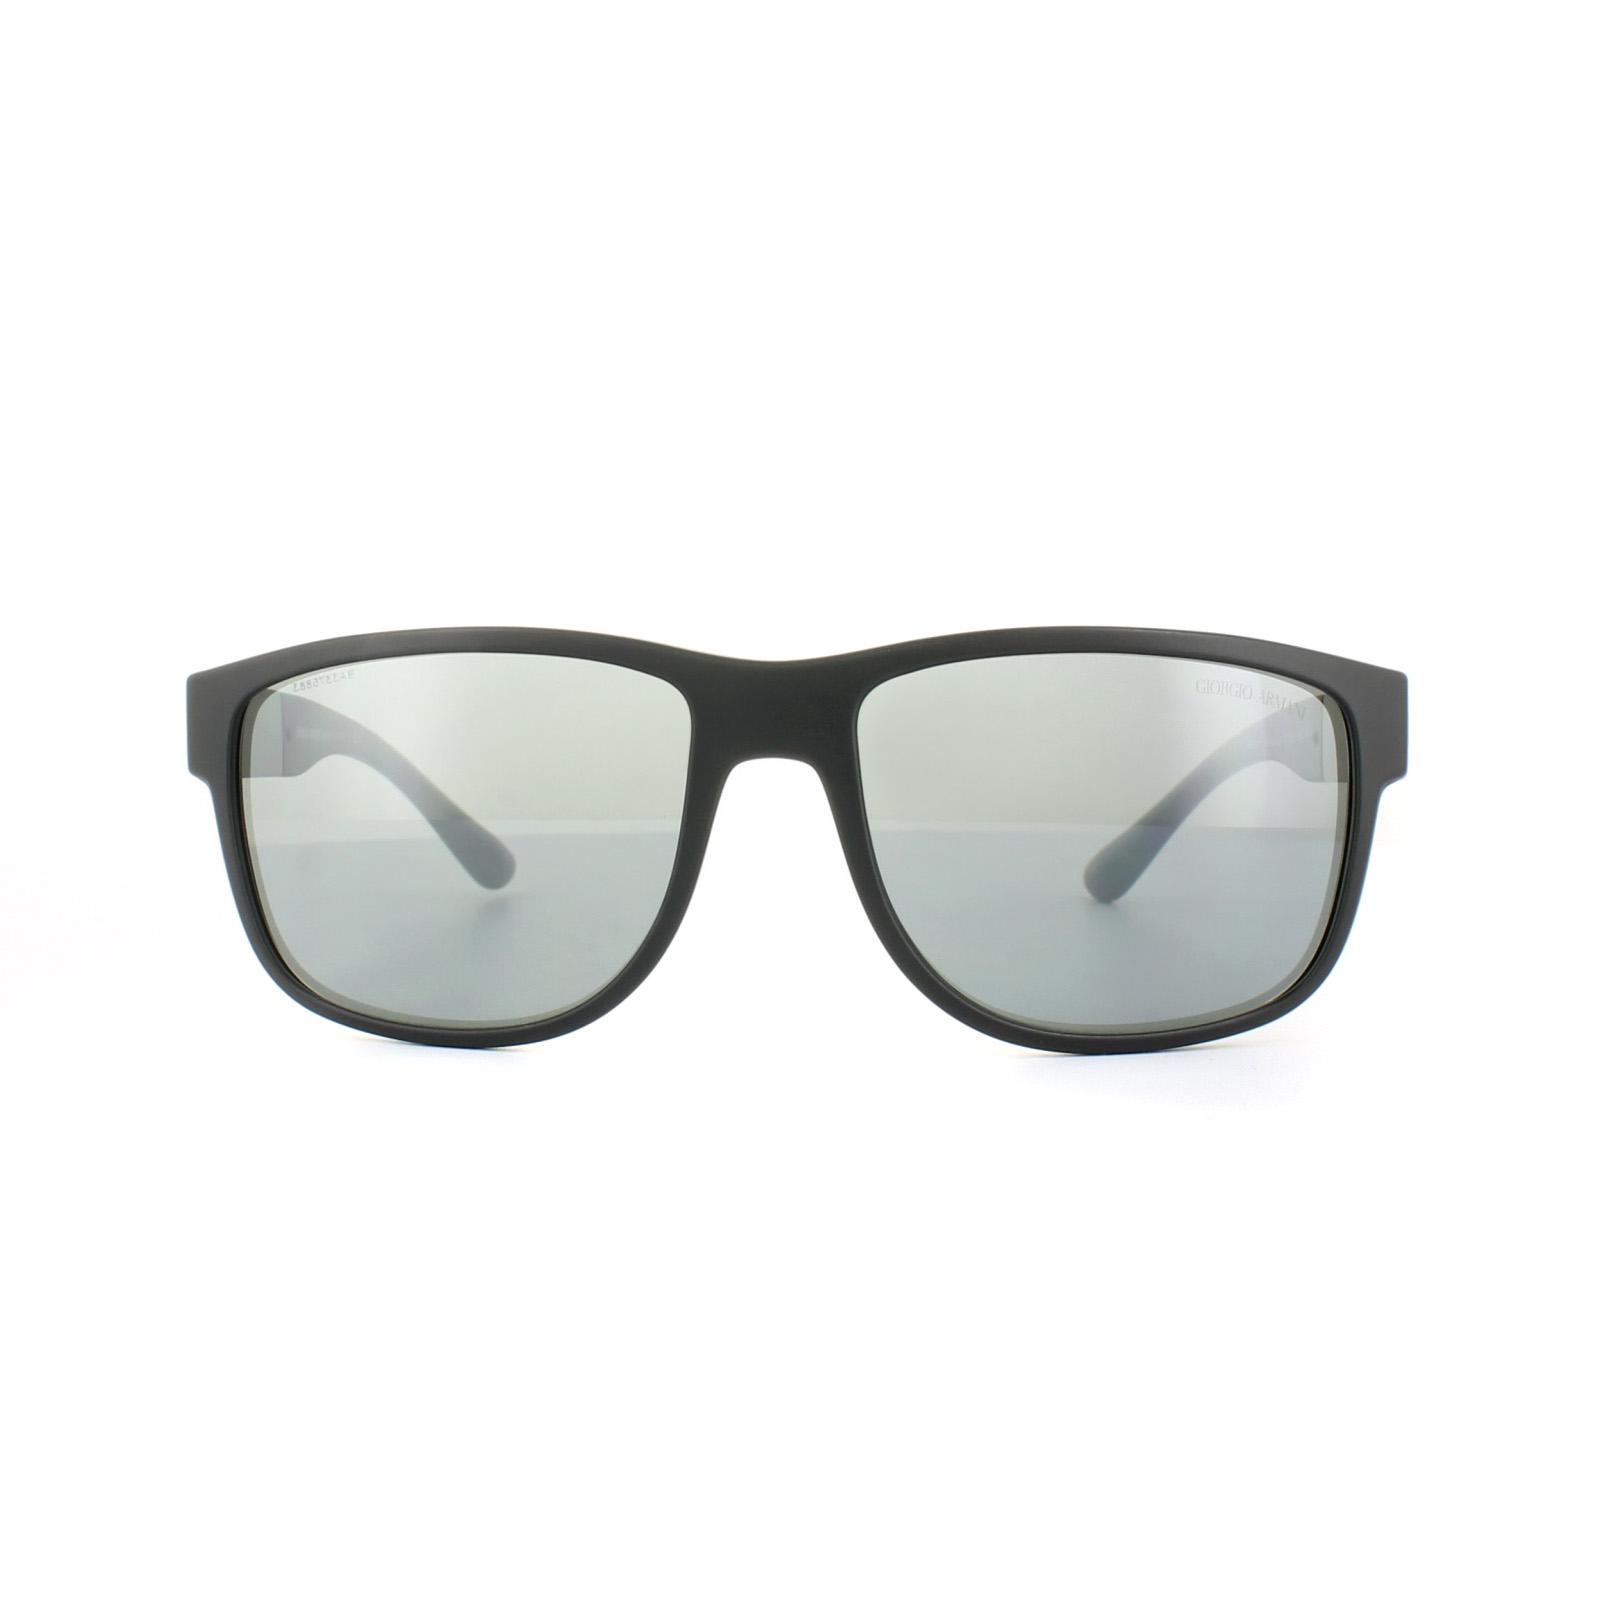 fe38620392a1 Sentinel Giorgio Armani Sunglasses AR8057 50426G Matt Black Grey Silver  Mirror